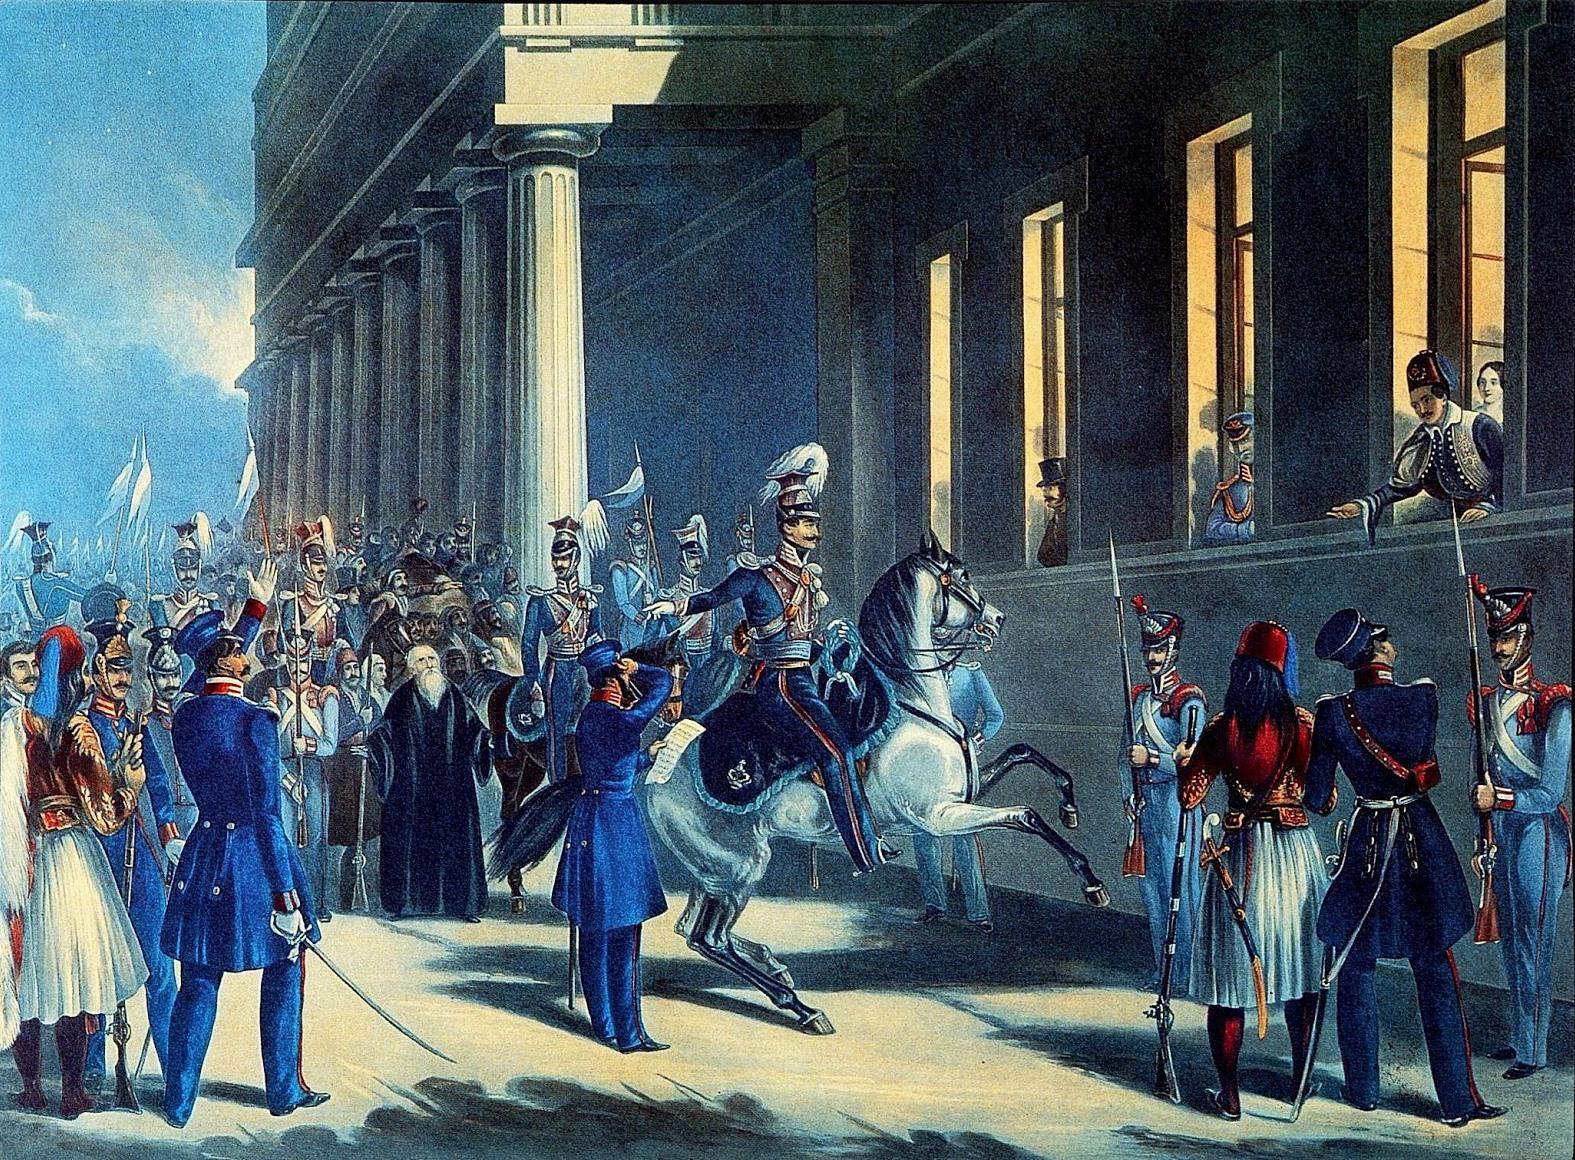 Ο Καλλέργης μπροστά στα βασιλικά ανάκτορα